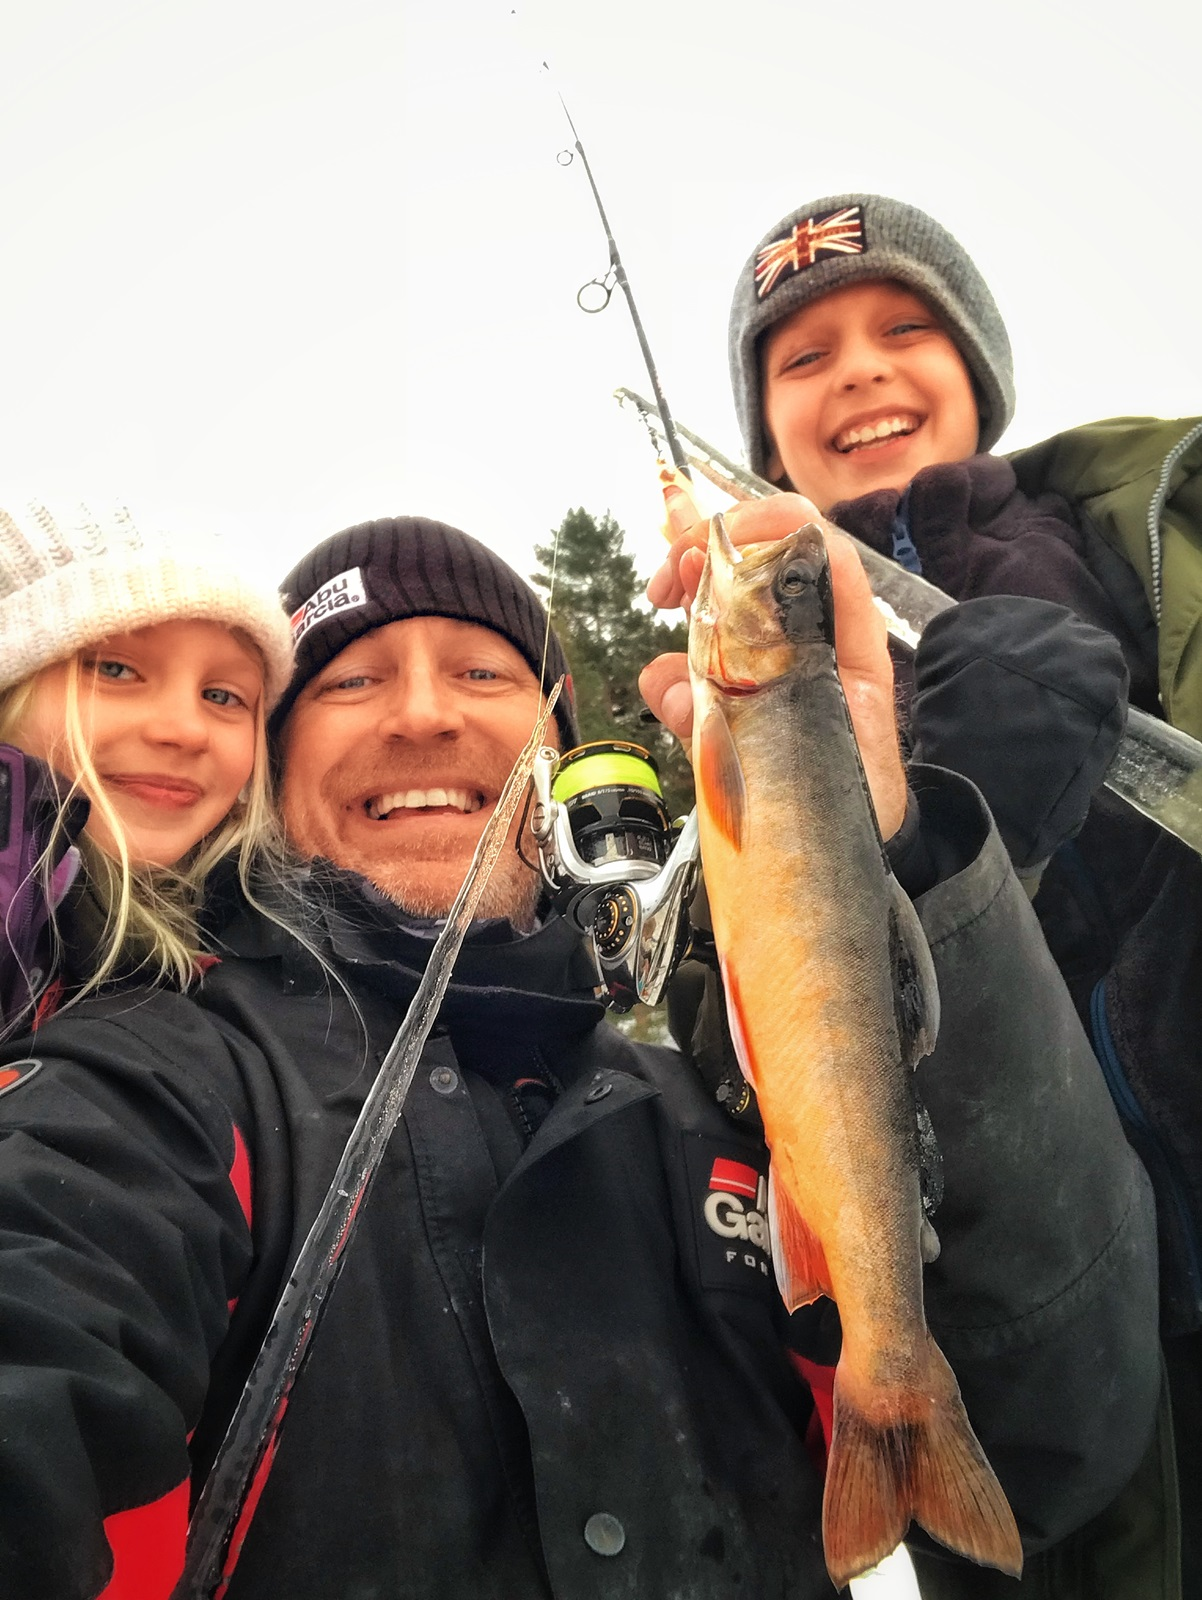 Alle synes det er gøy når vi får fisk, men det er nødvendigvis ikke forskjellen på en god eller dårlig tur